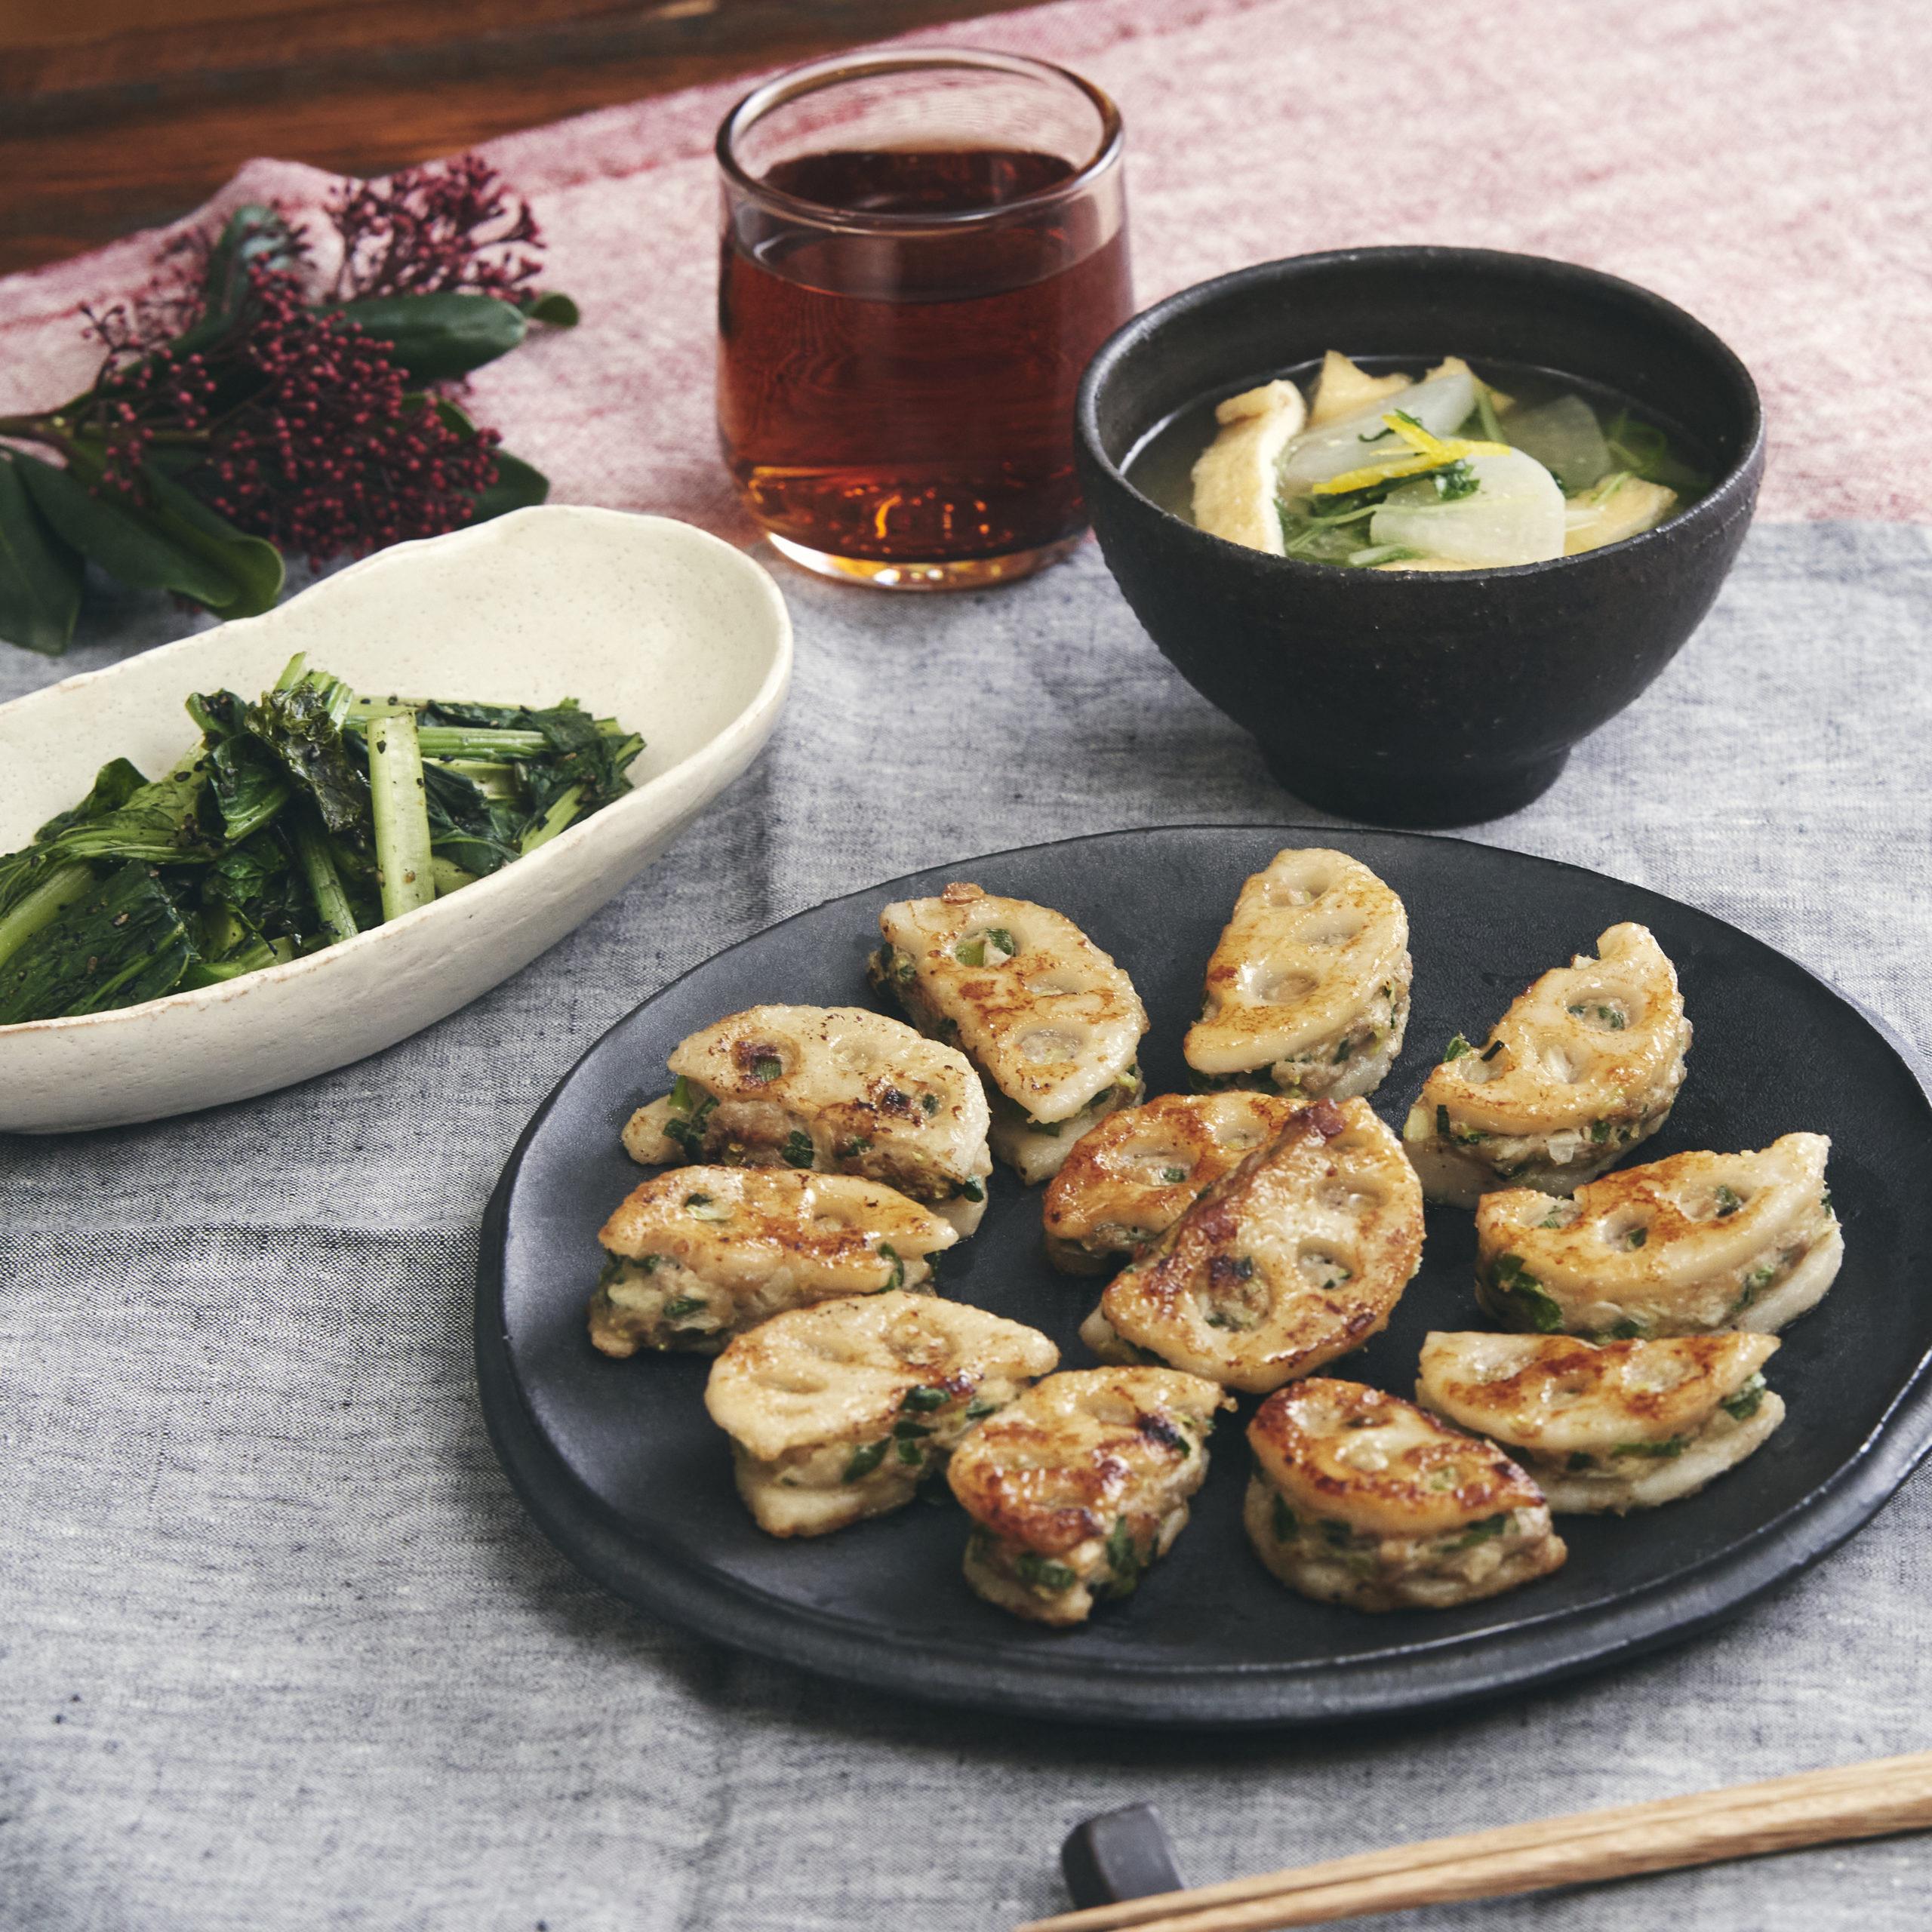 冬食材を取り入れた和食レシピ